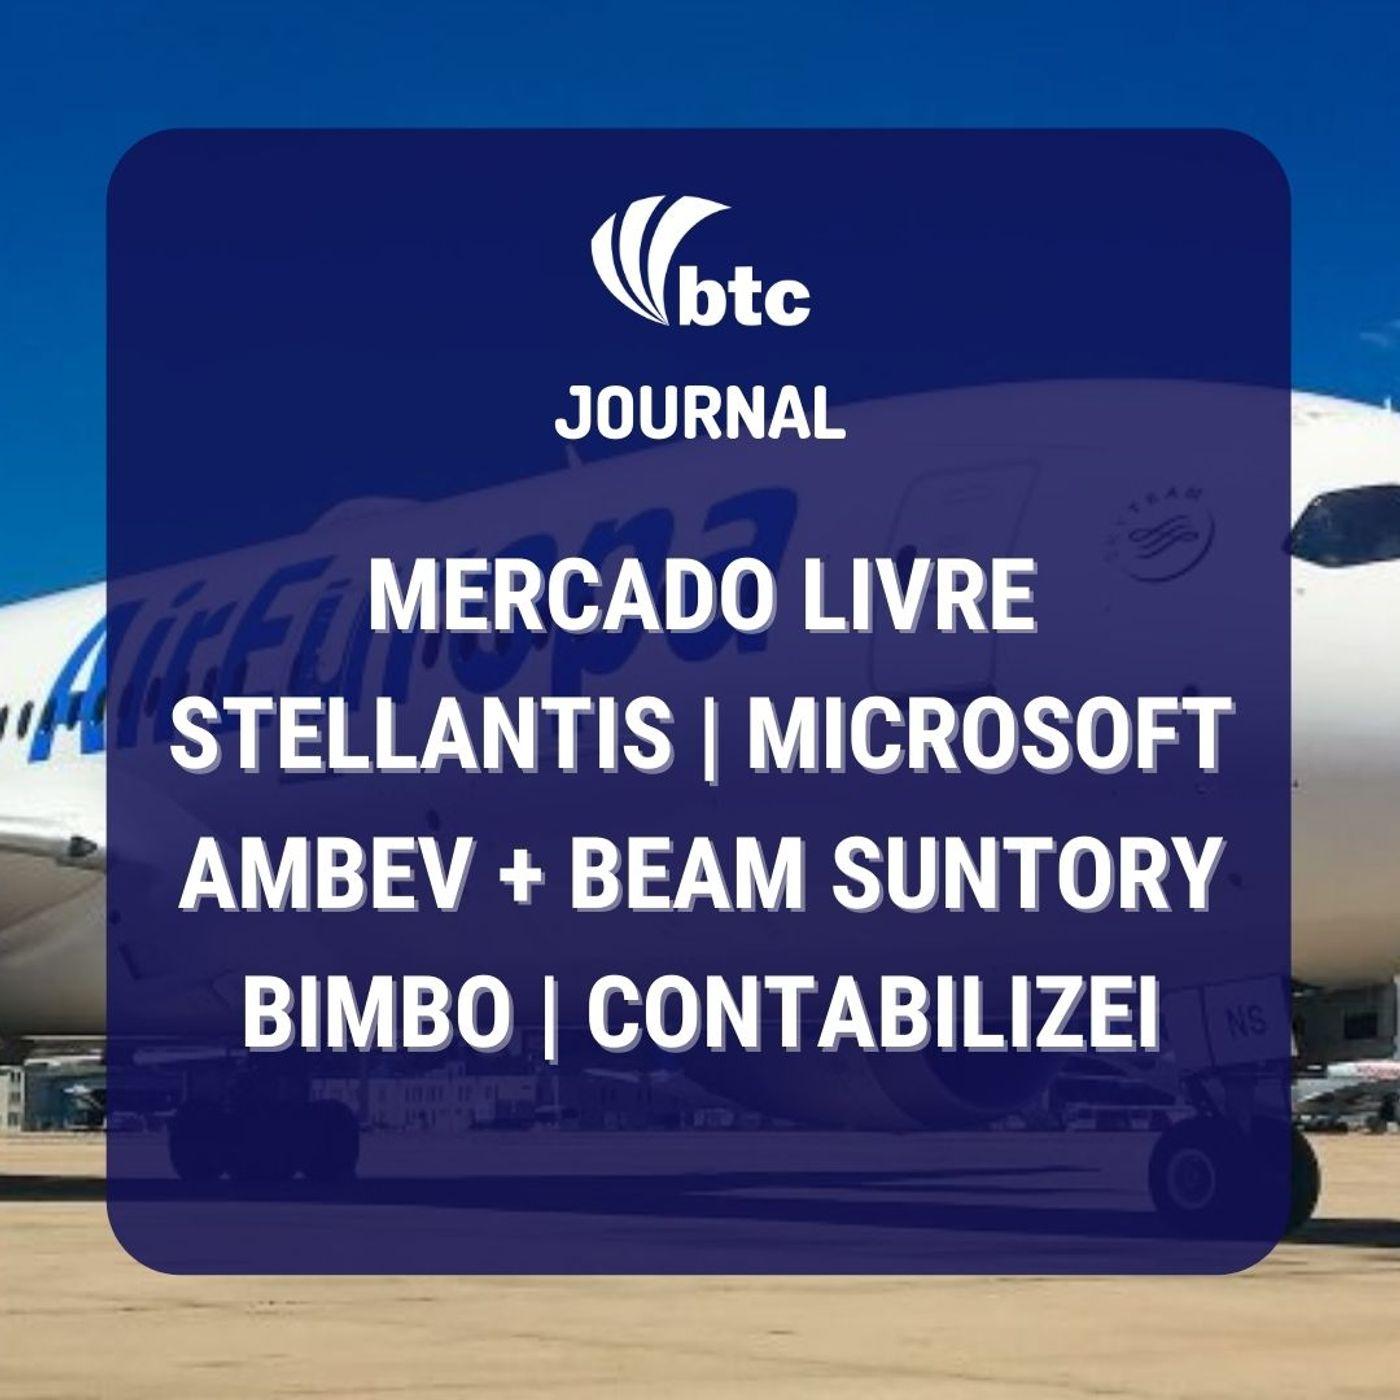 Mercado Livre, Stellantis, Ambev + Beam Suntory, Bimbo e Contabilizei   BTC Journal 21/01/21